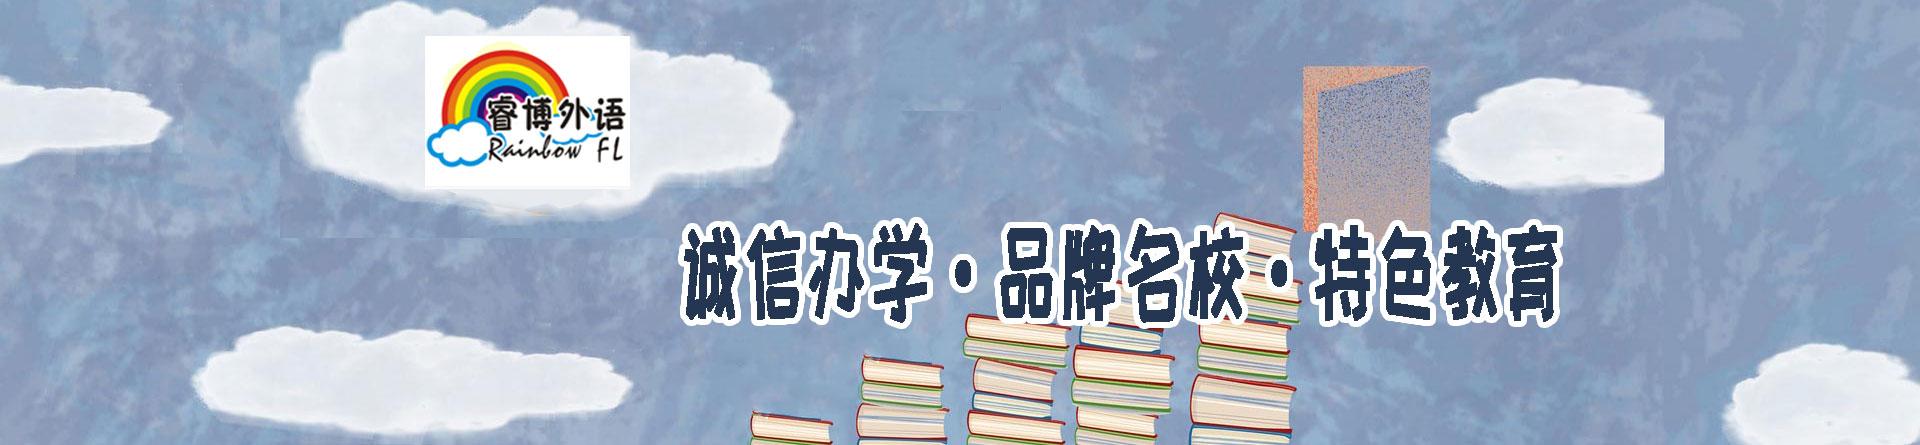 郑州睿博培训学校